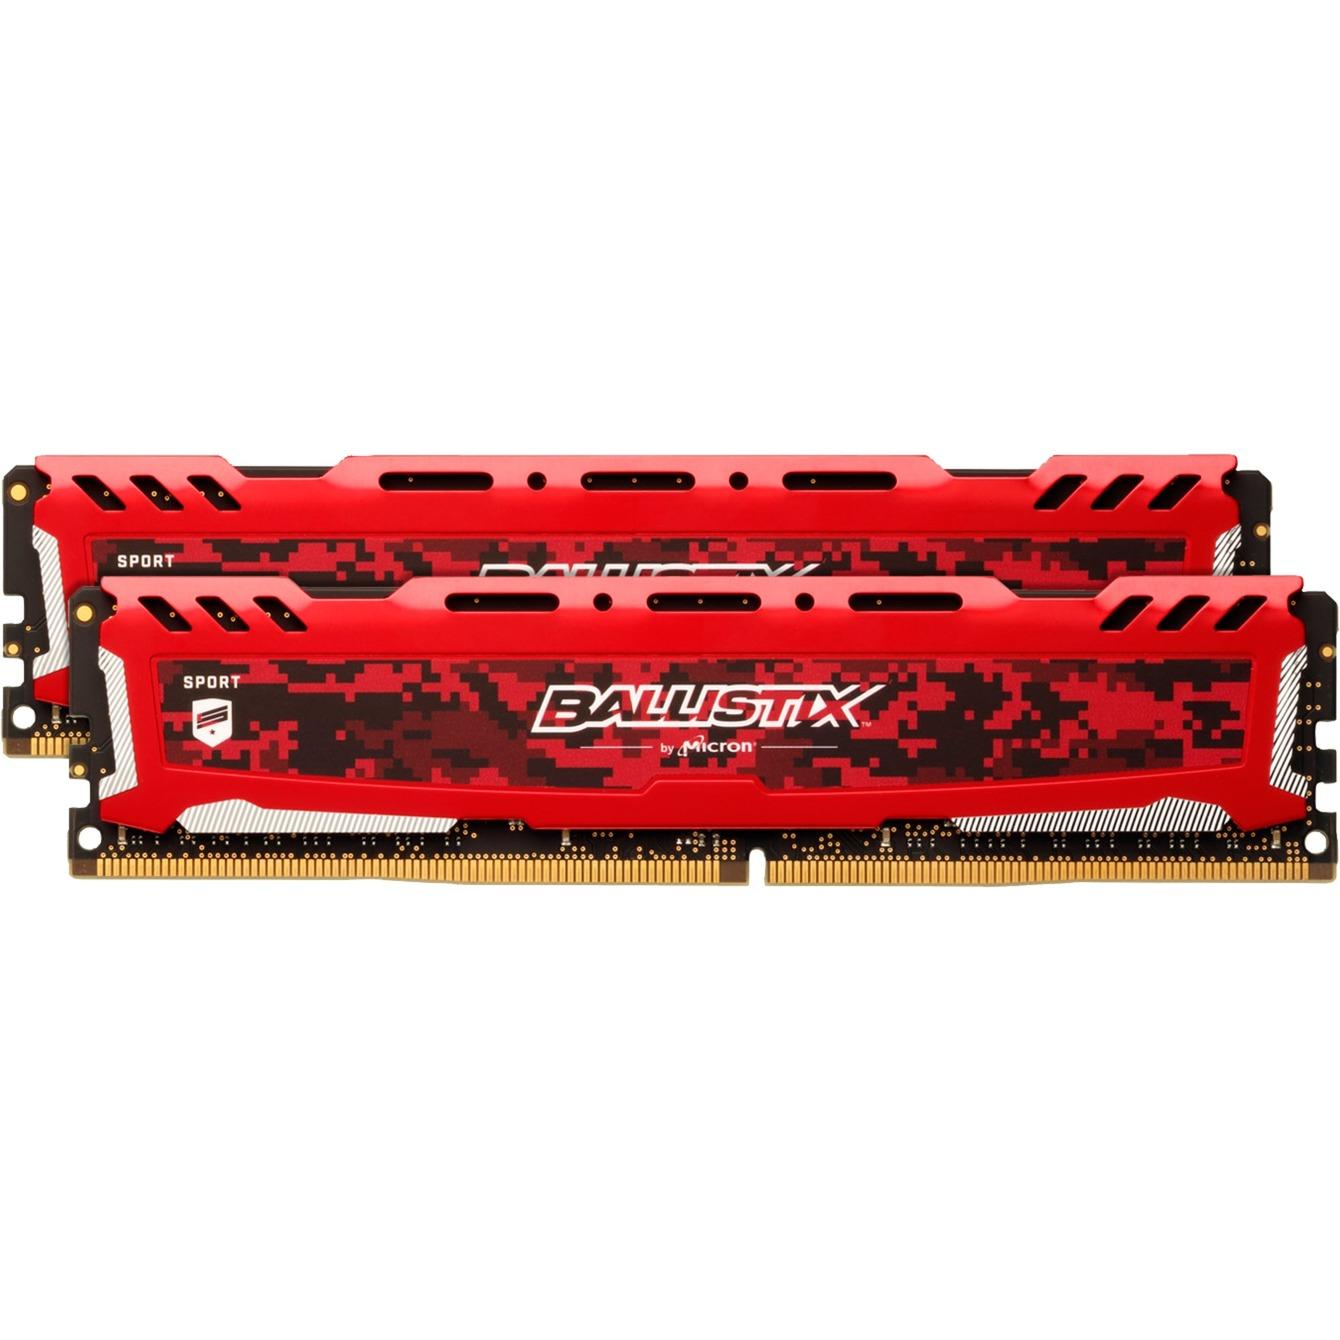 8GB DDR4-2400 8Go DDR4 2400MHz module de mémoire